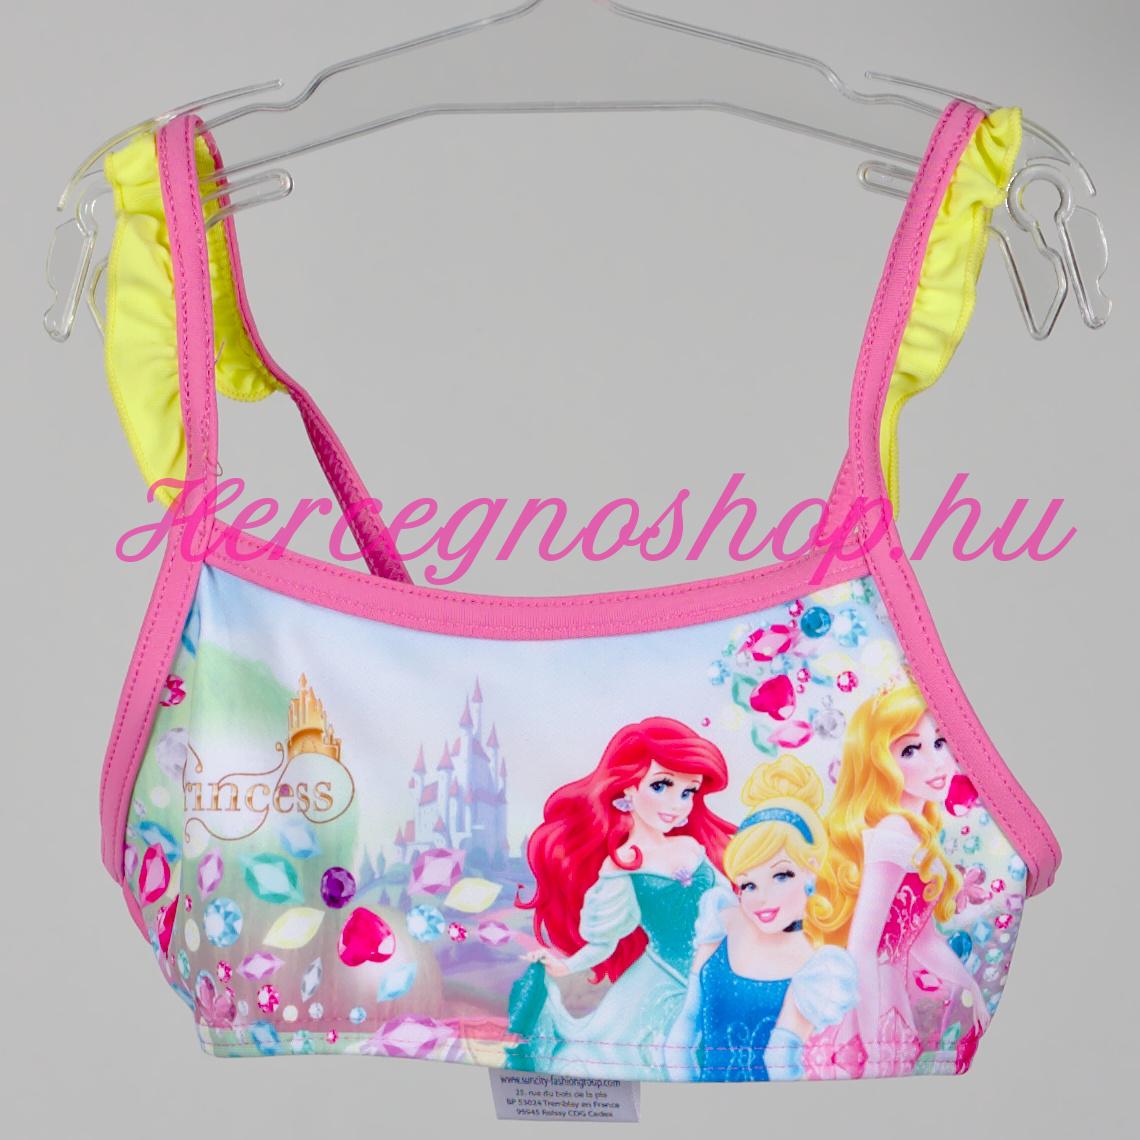 Disney hercegnők bikini – világos rózsaszín (Disney Princess)